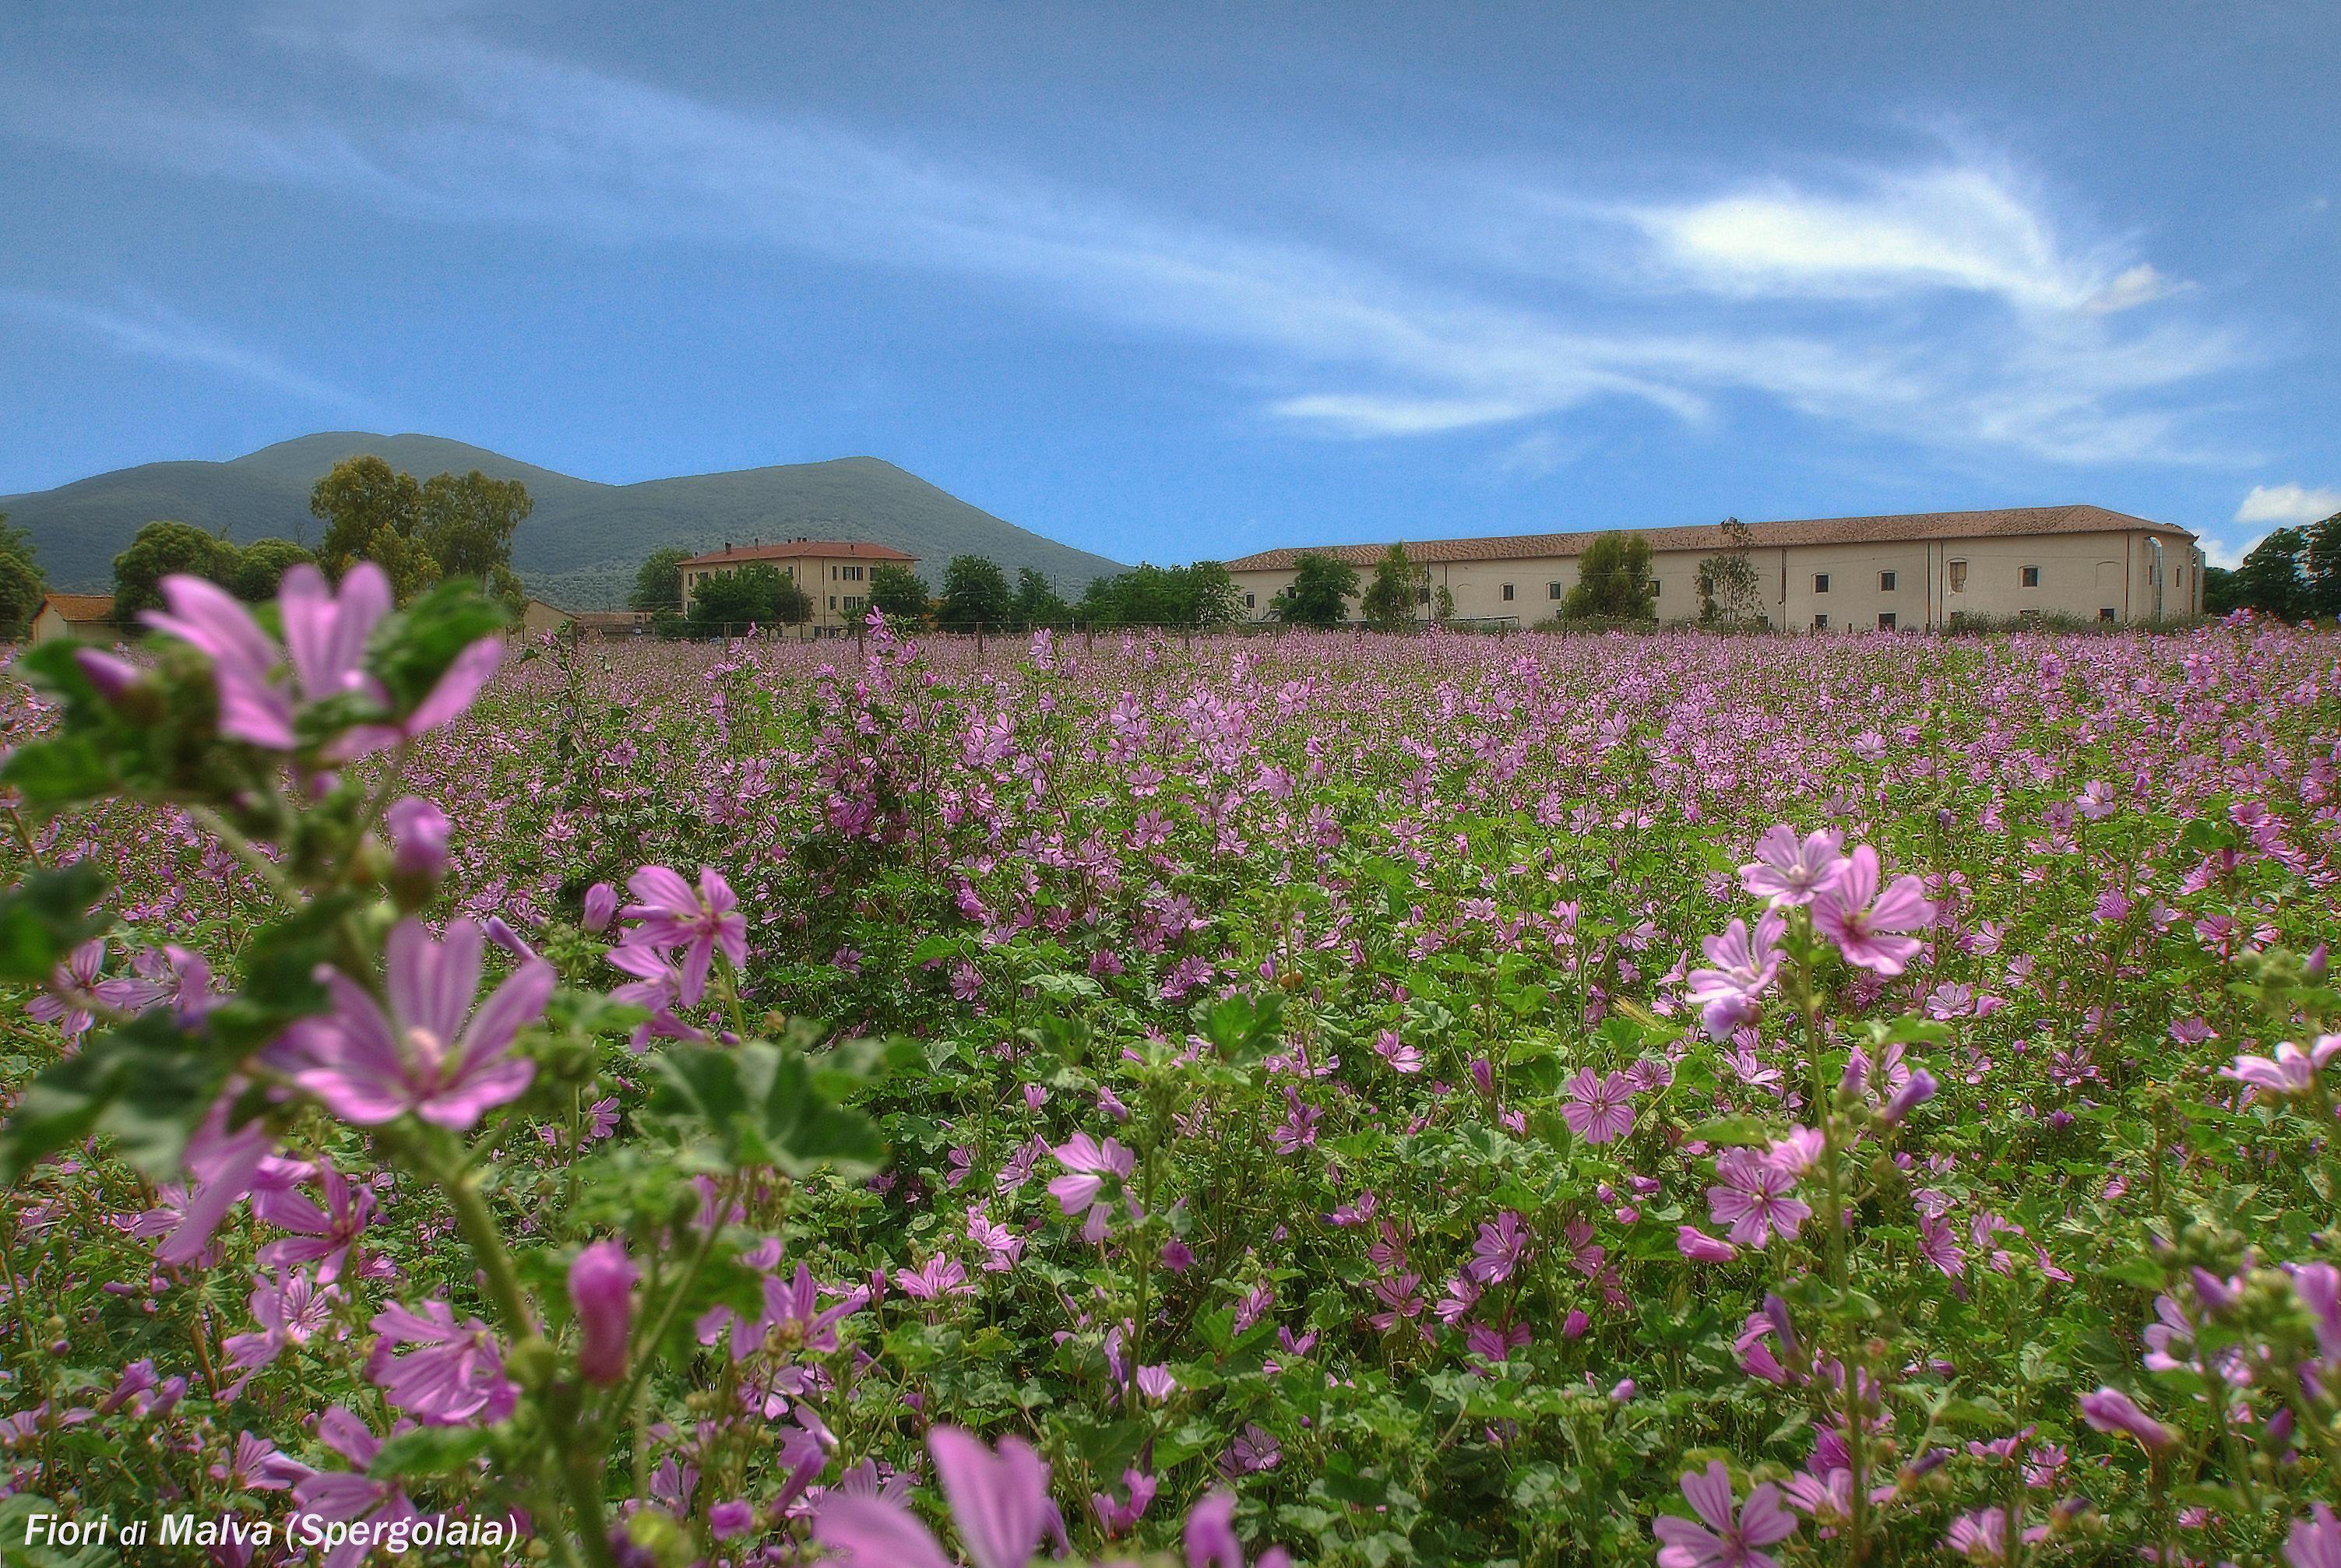 Spergolaia en la Toscana